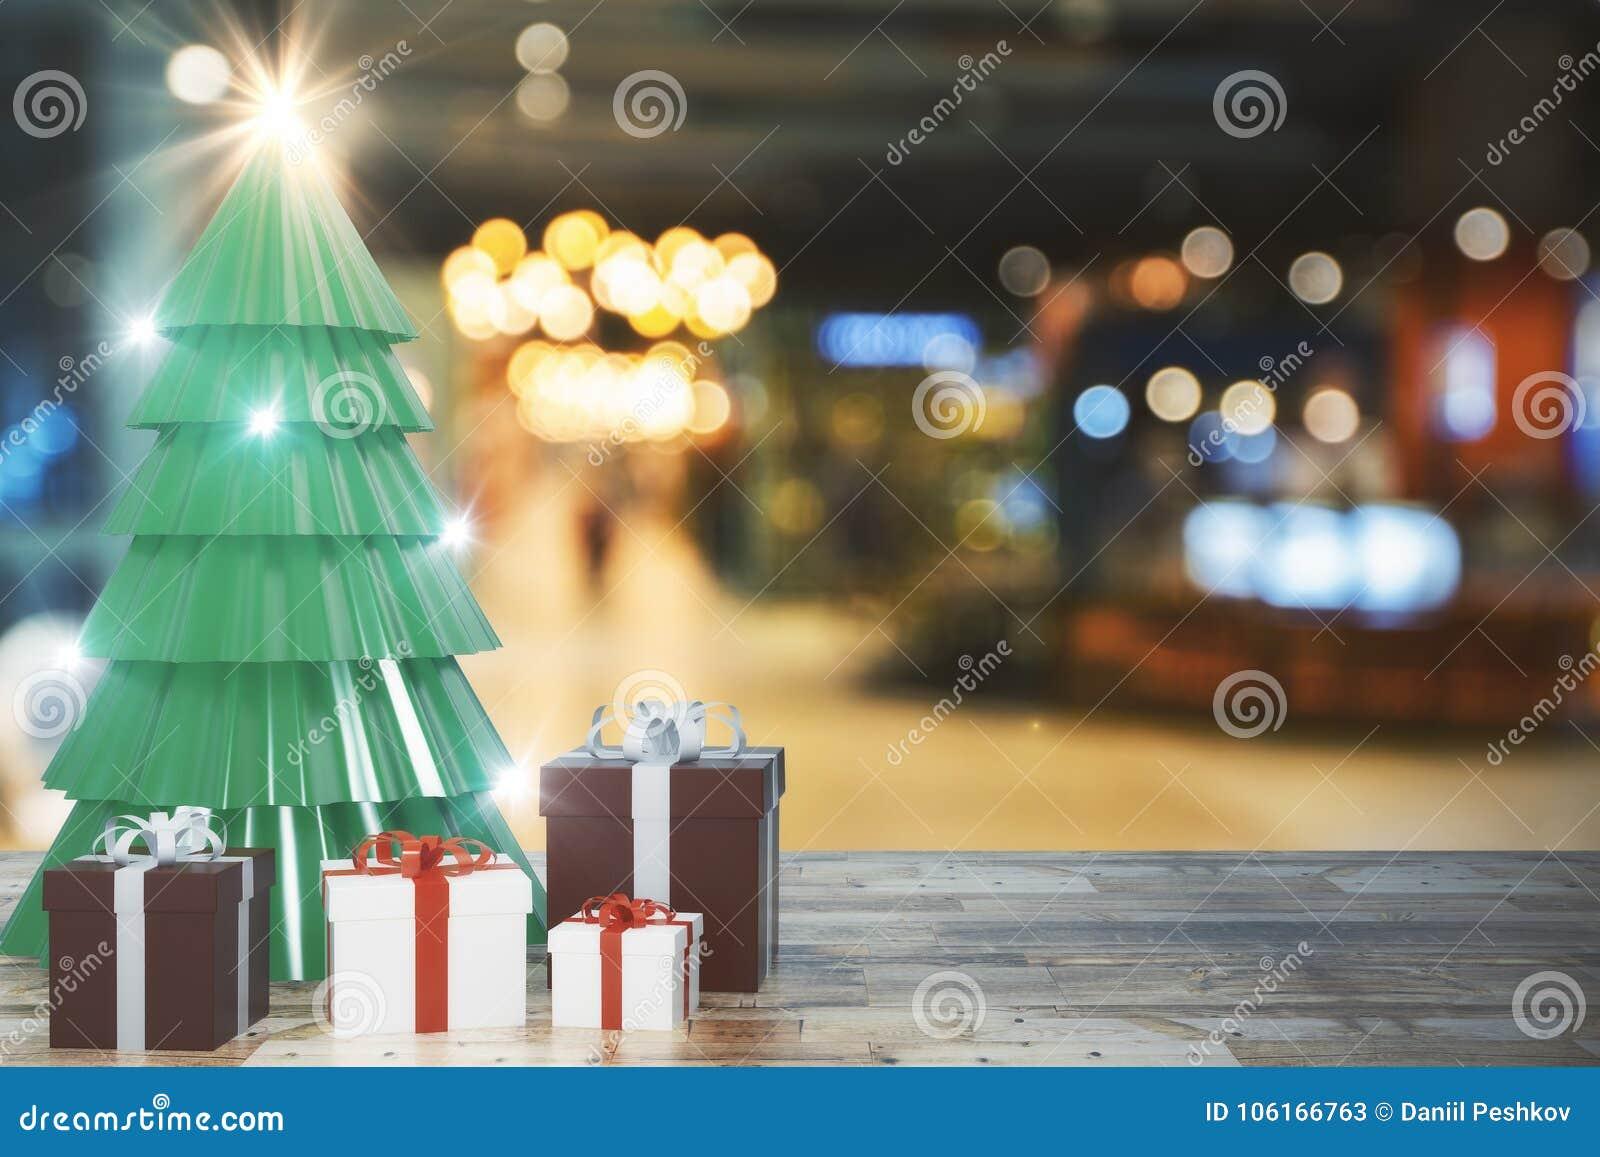 Творческий фон рождественской елки